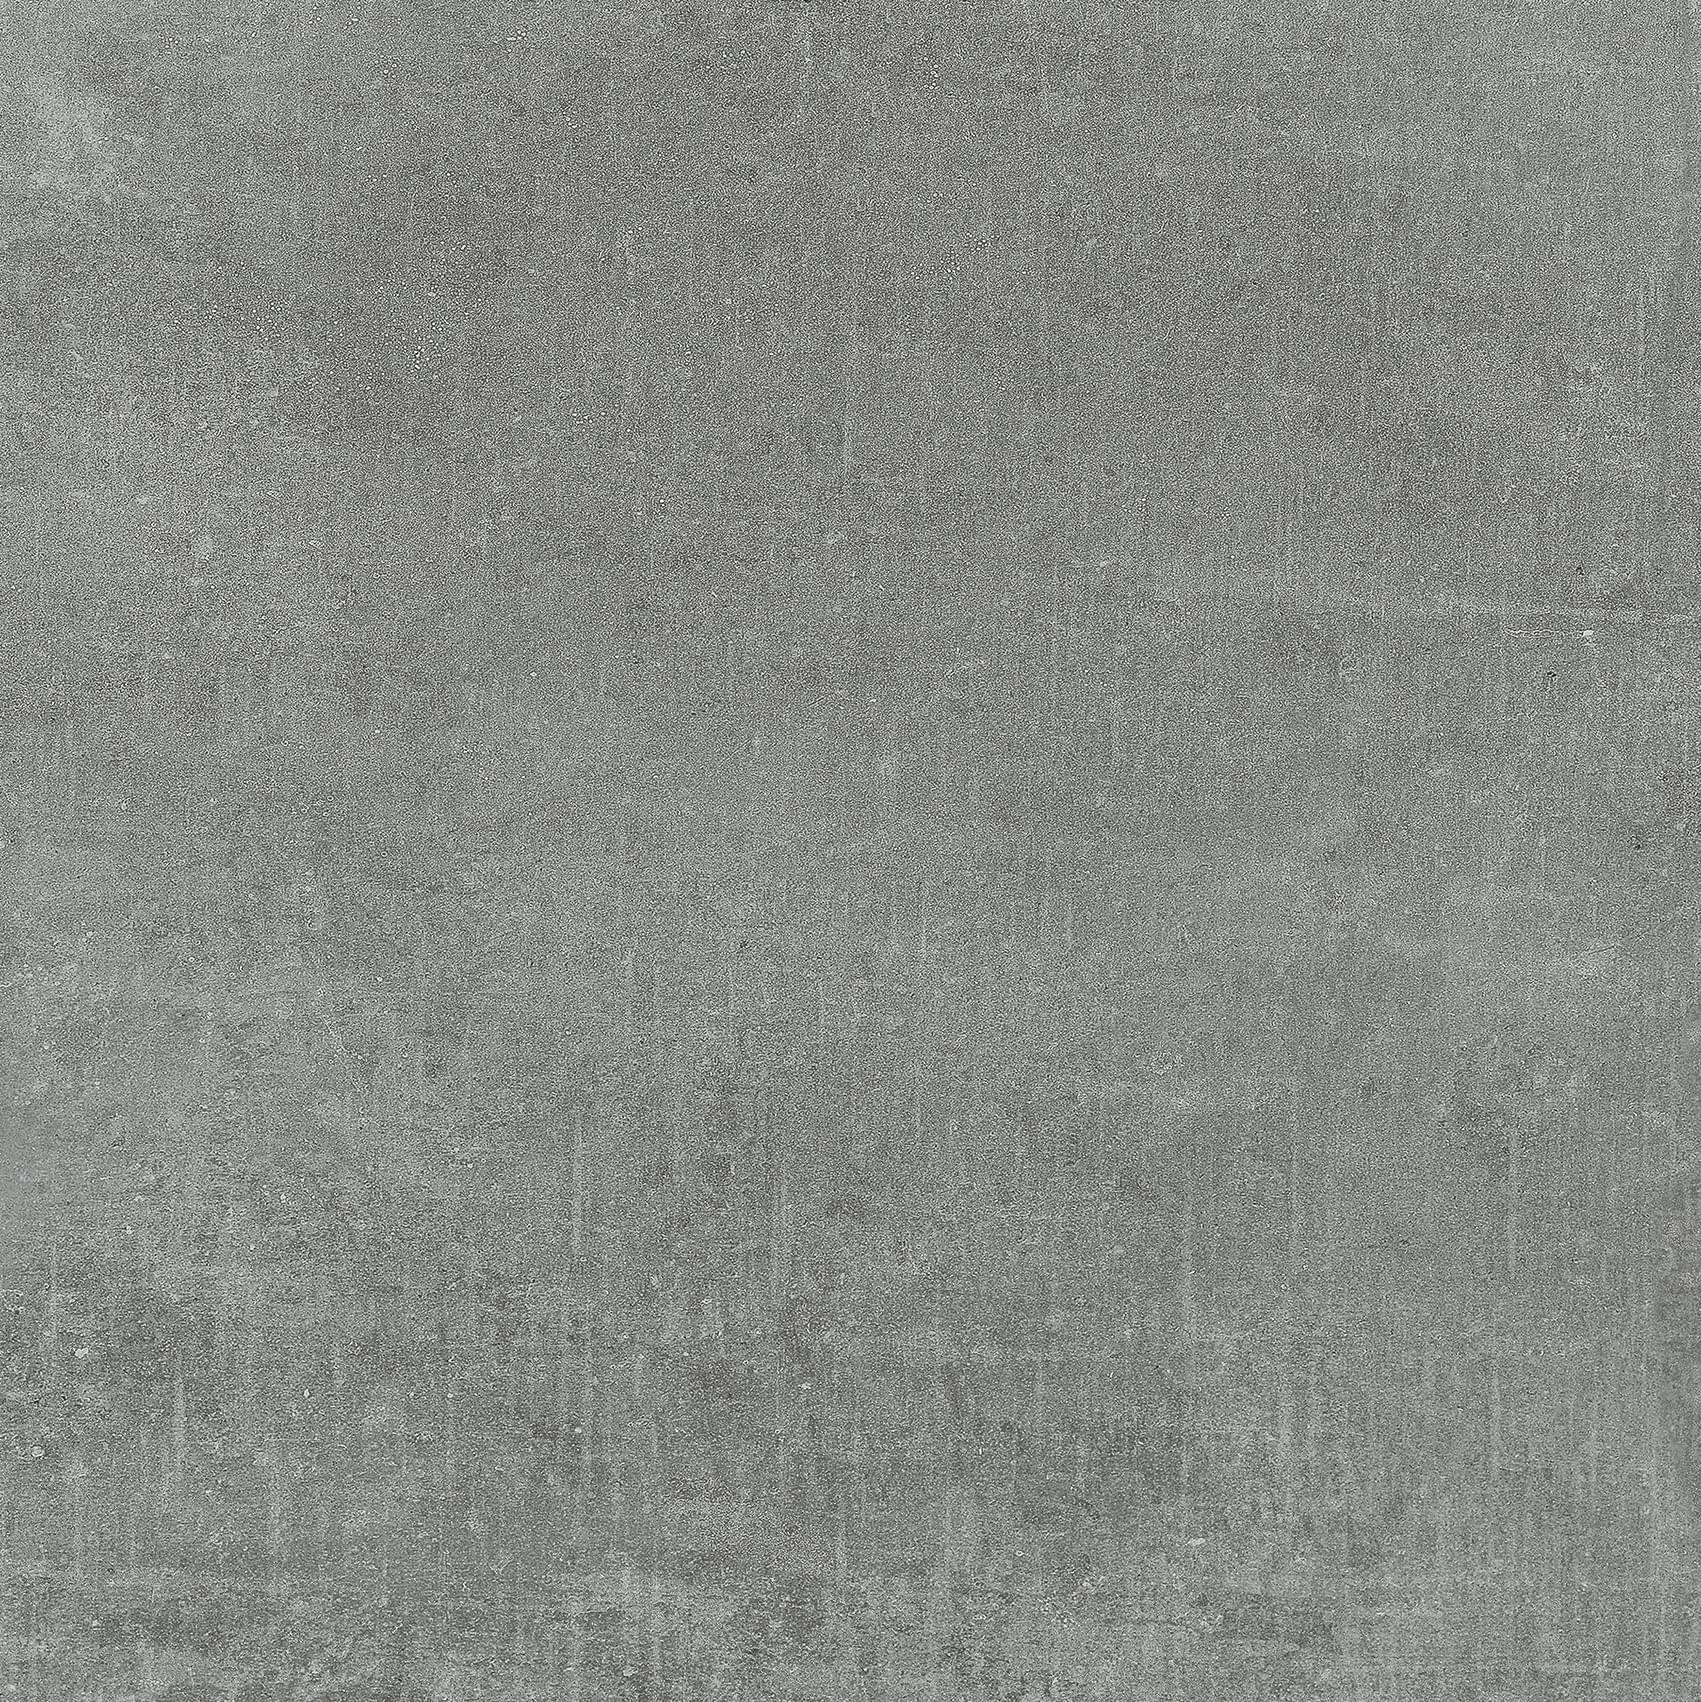 米兰印象 / AK6613 / 600x600mm / 水泥砖